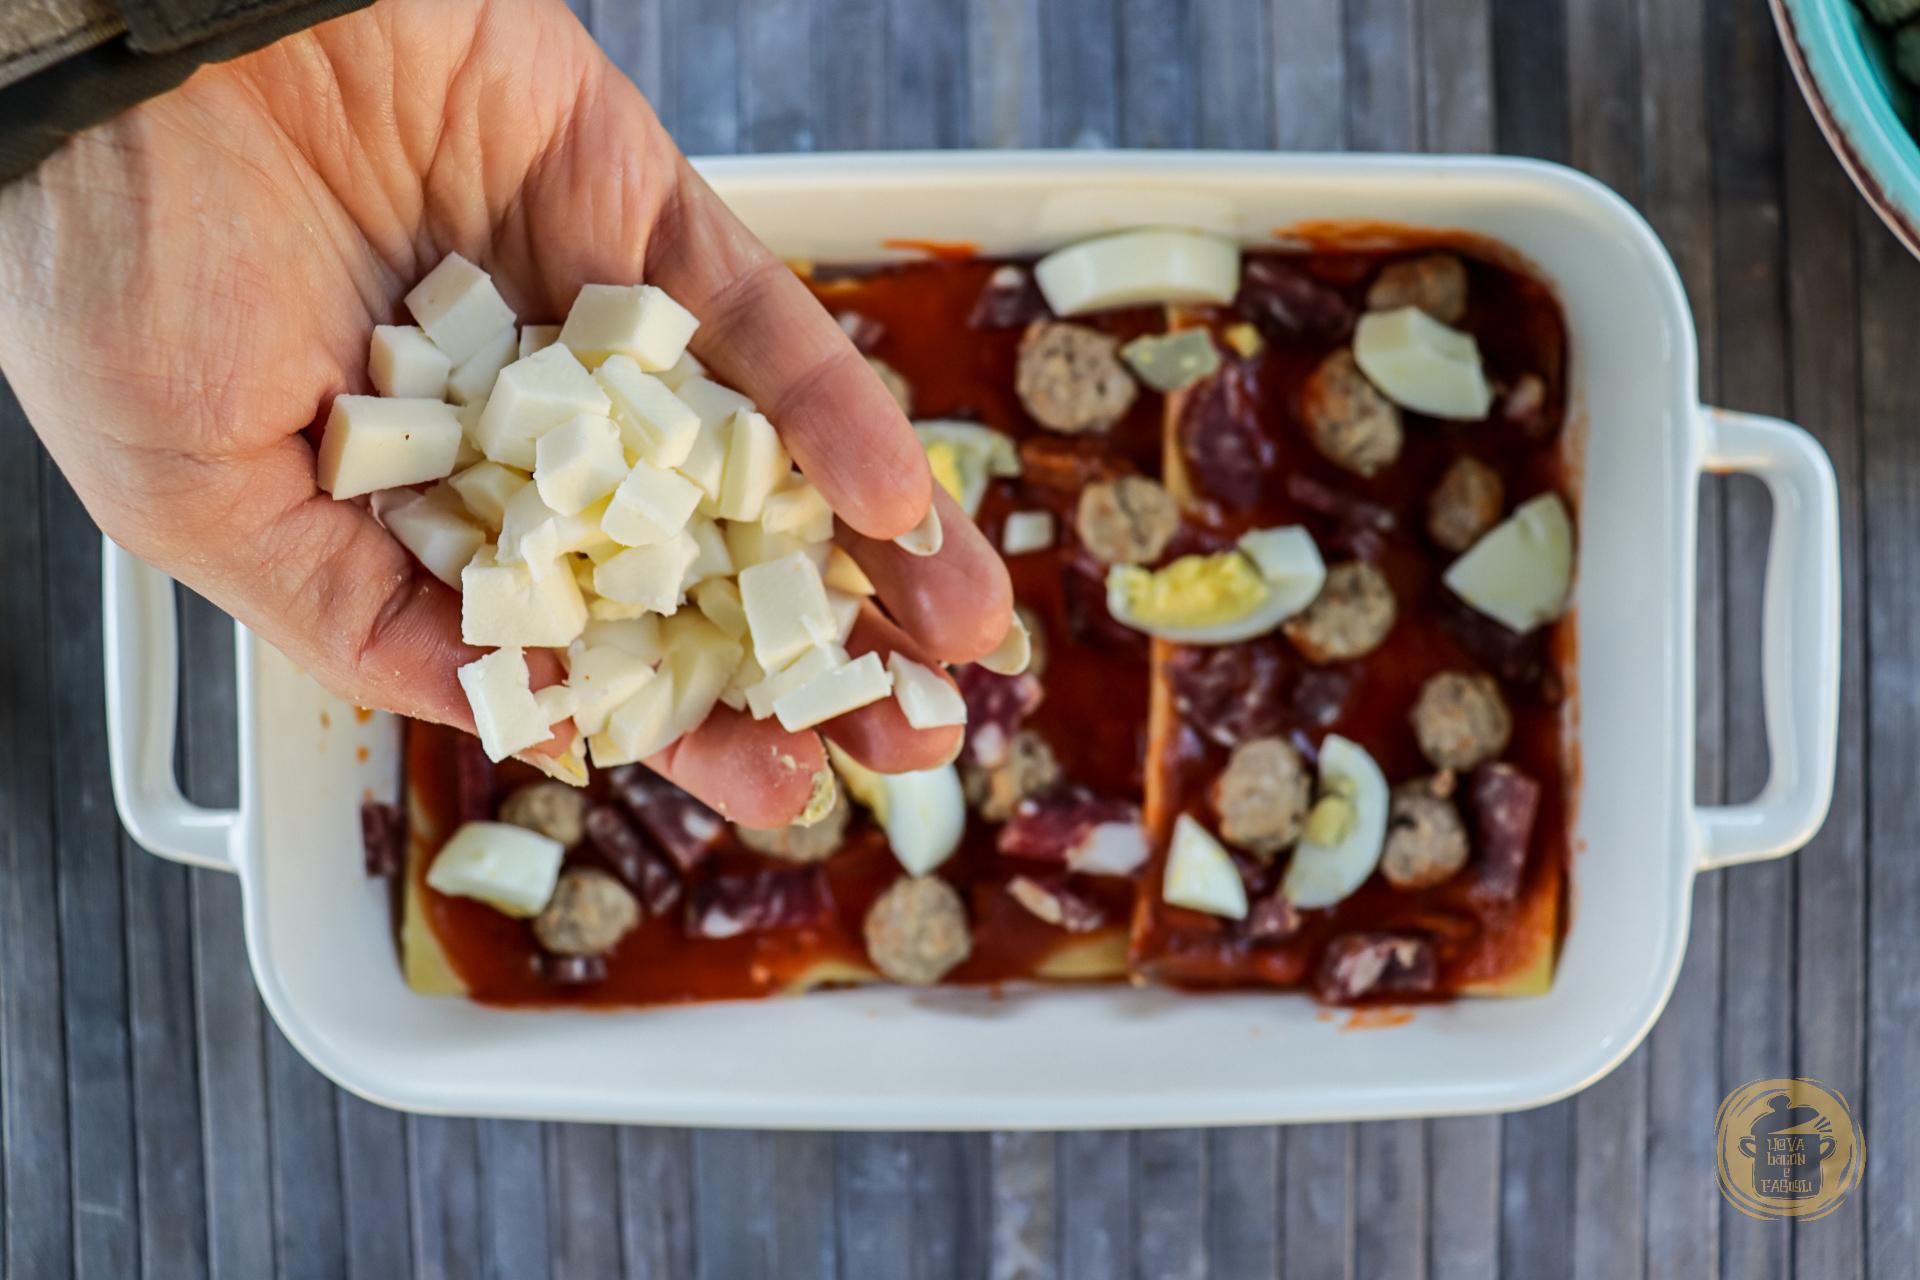 Uova, bacon e fagioli - Lasagna napoletana - All rights reserved